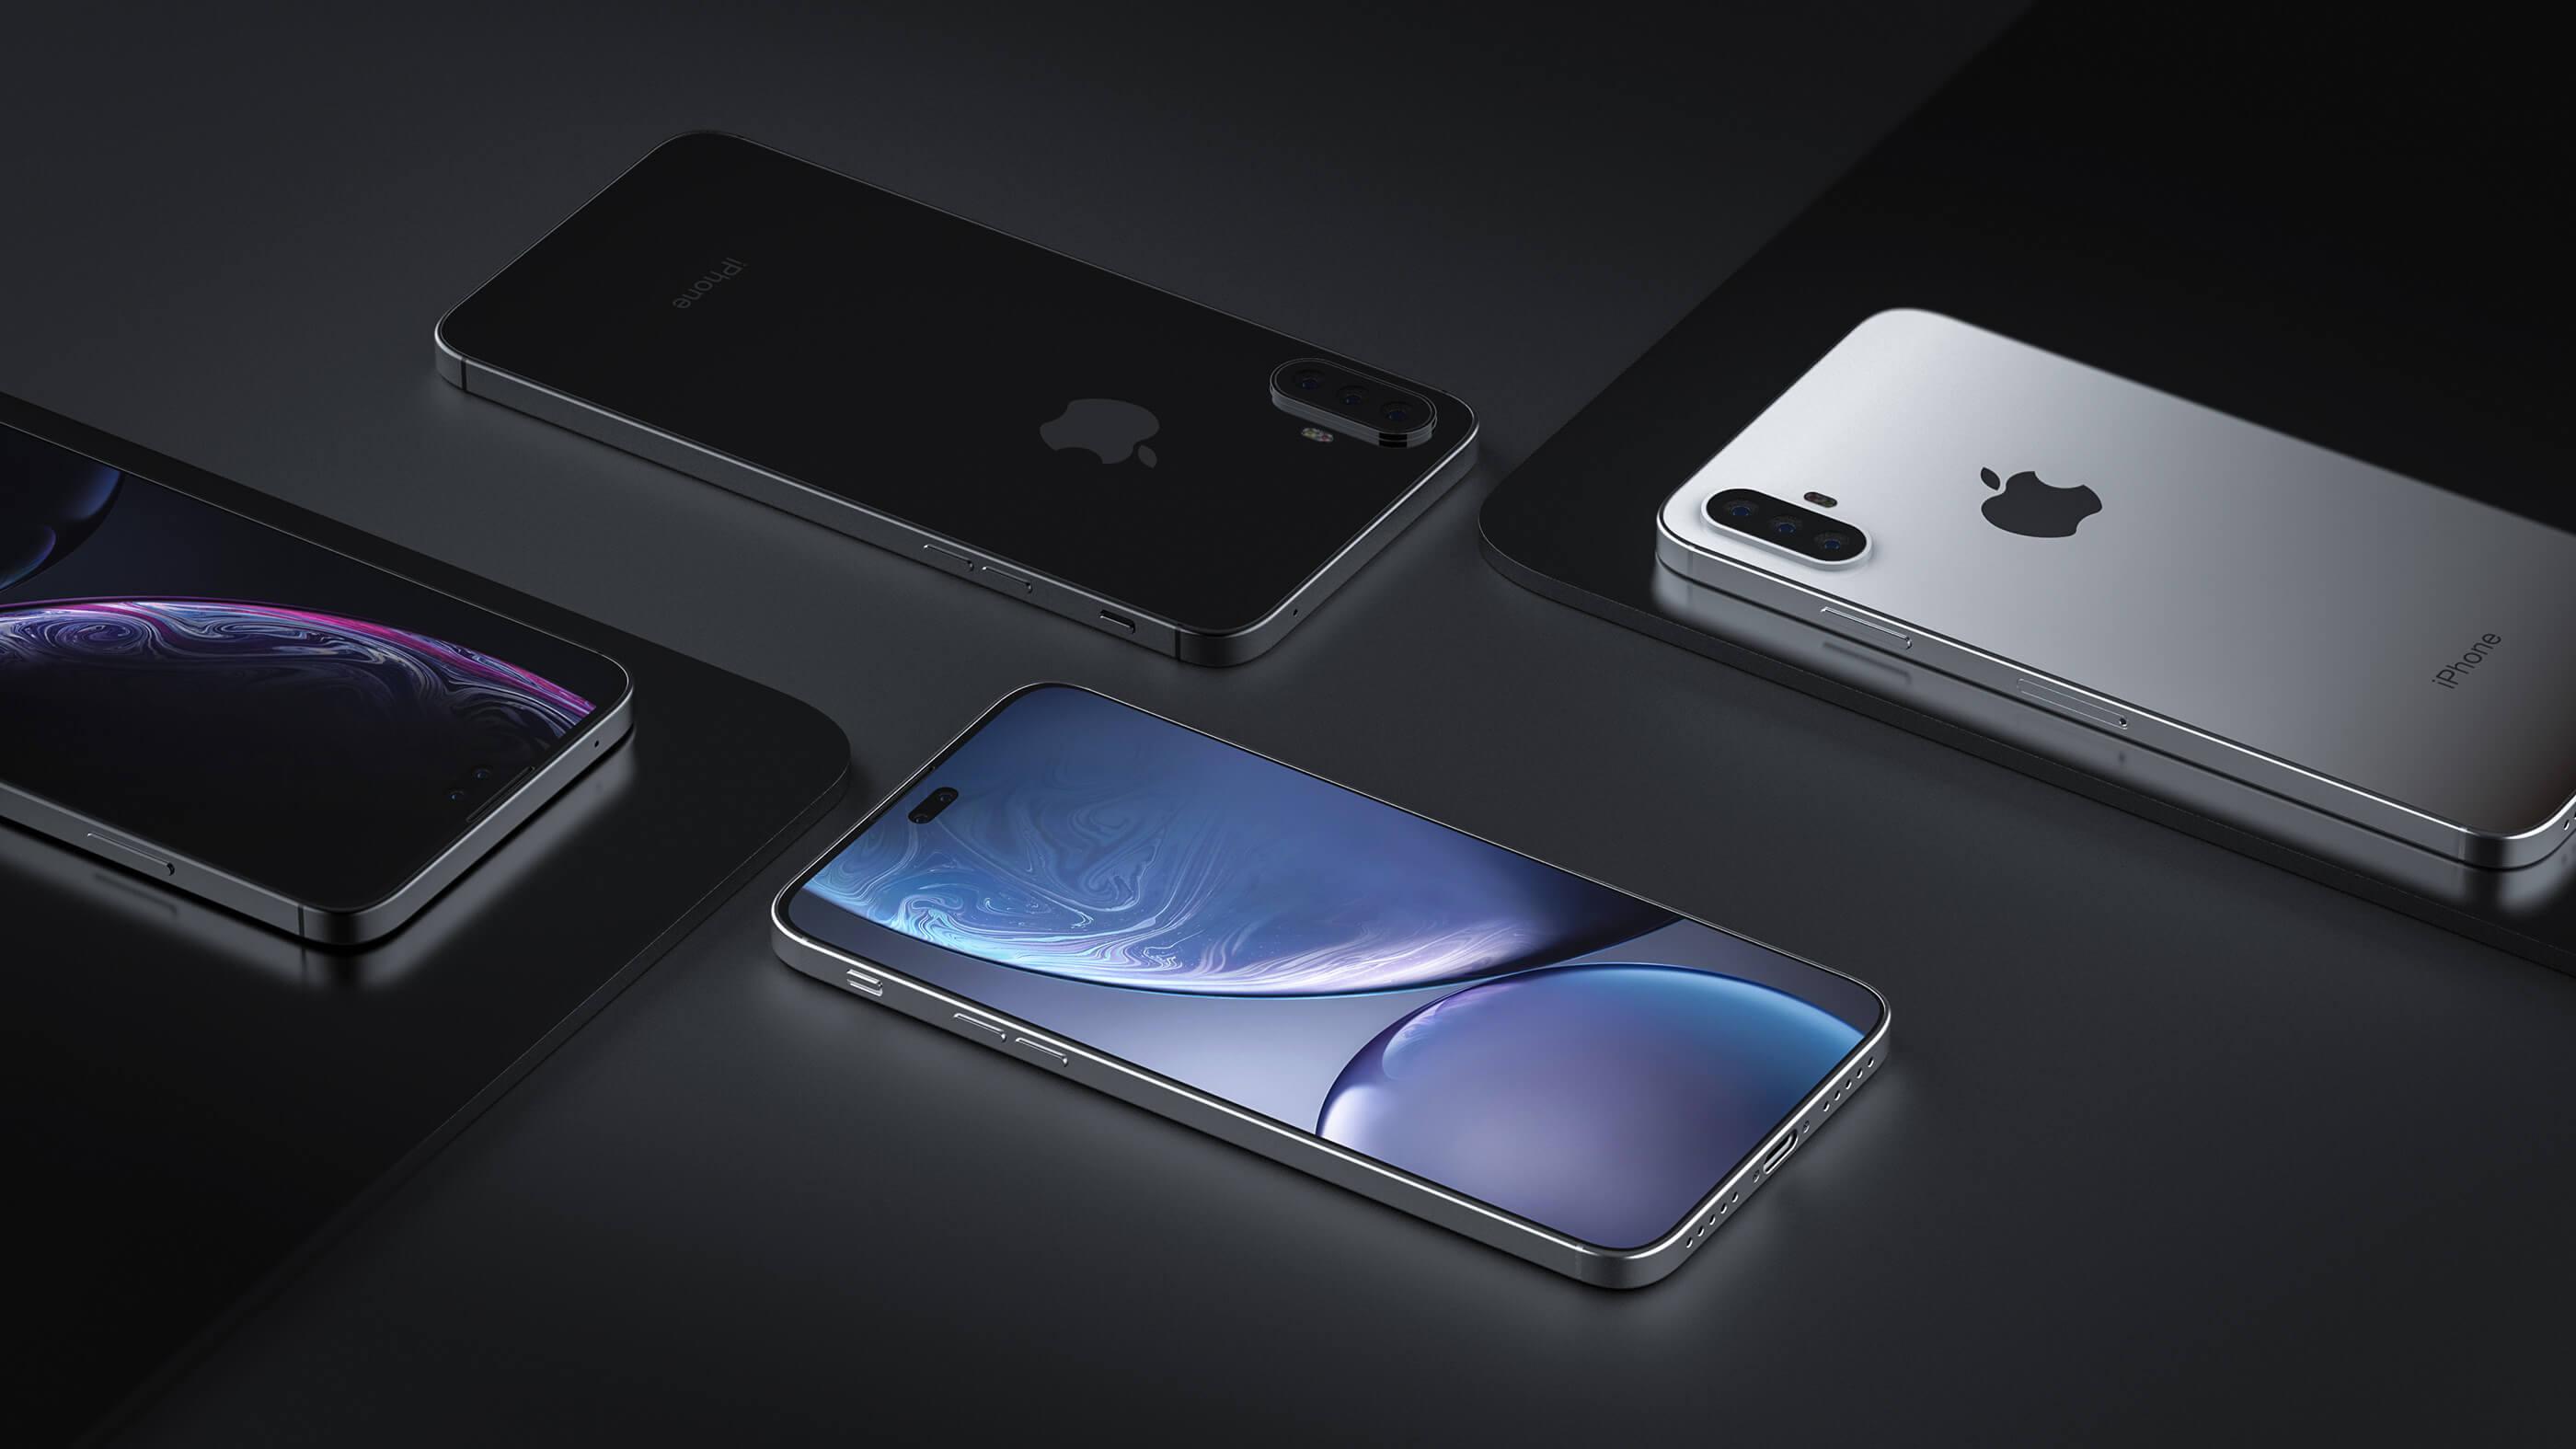 iPhone 2020 получит экран с частотой 120 Гц